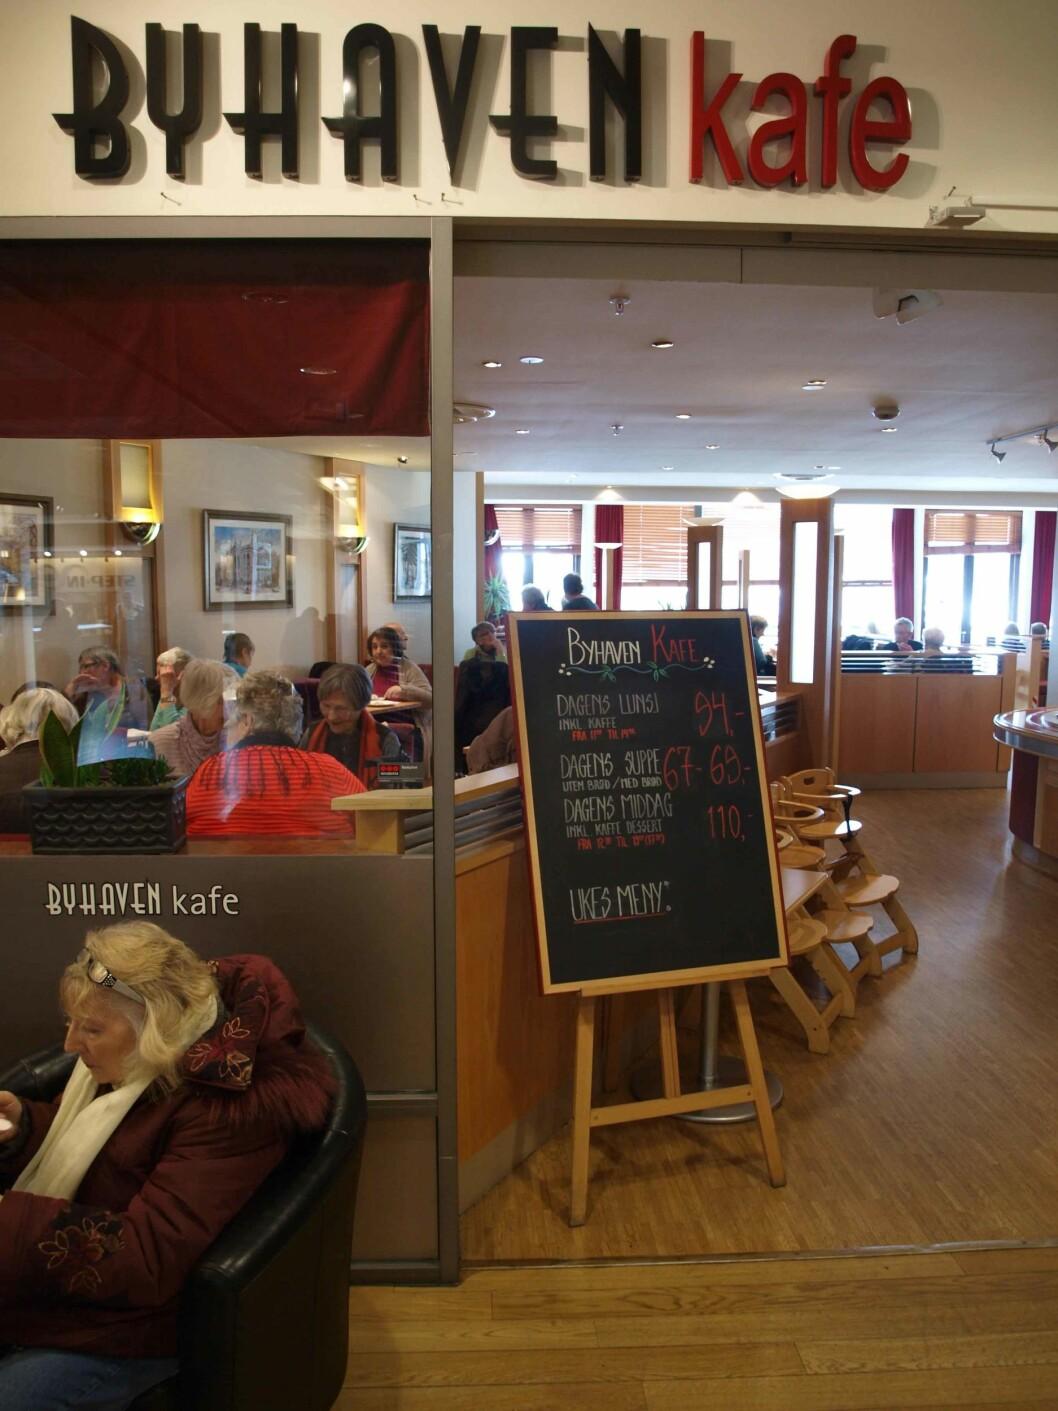 Inngang-Byhaven-kafe